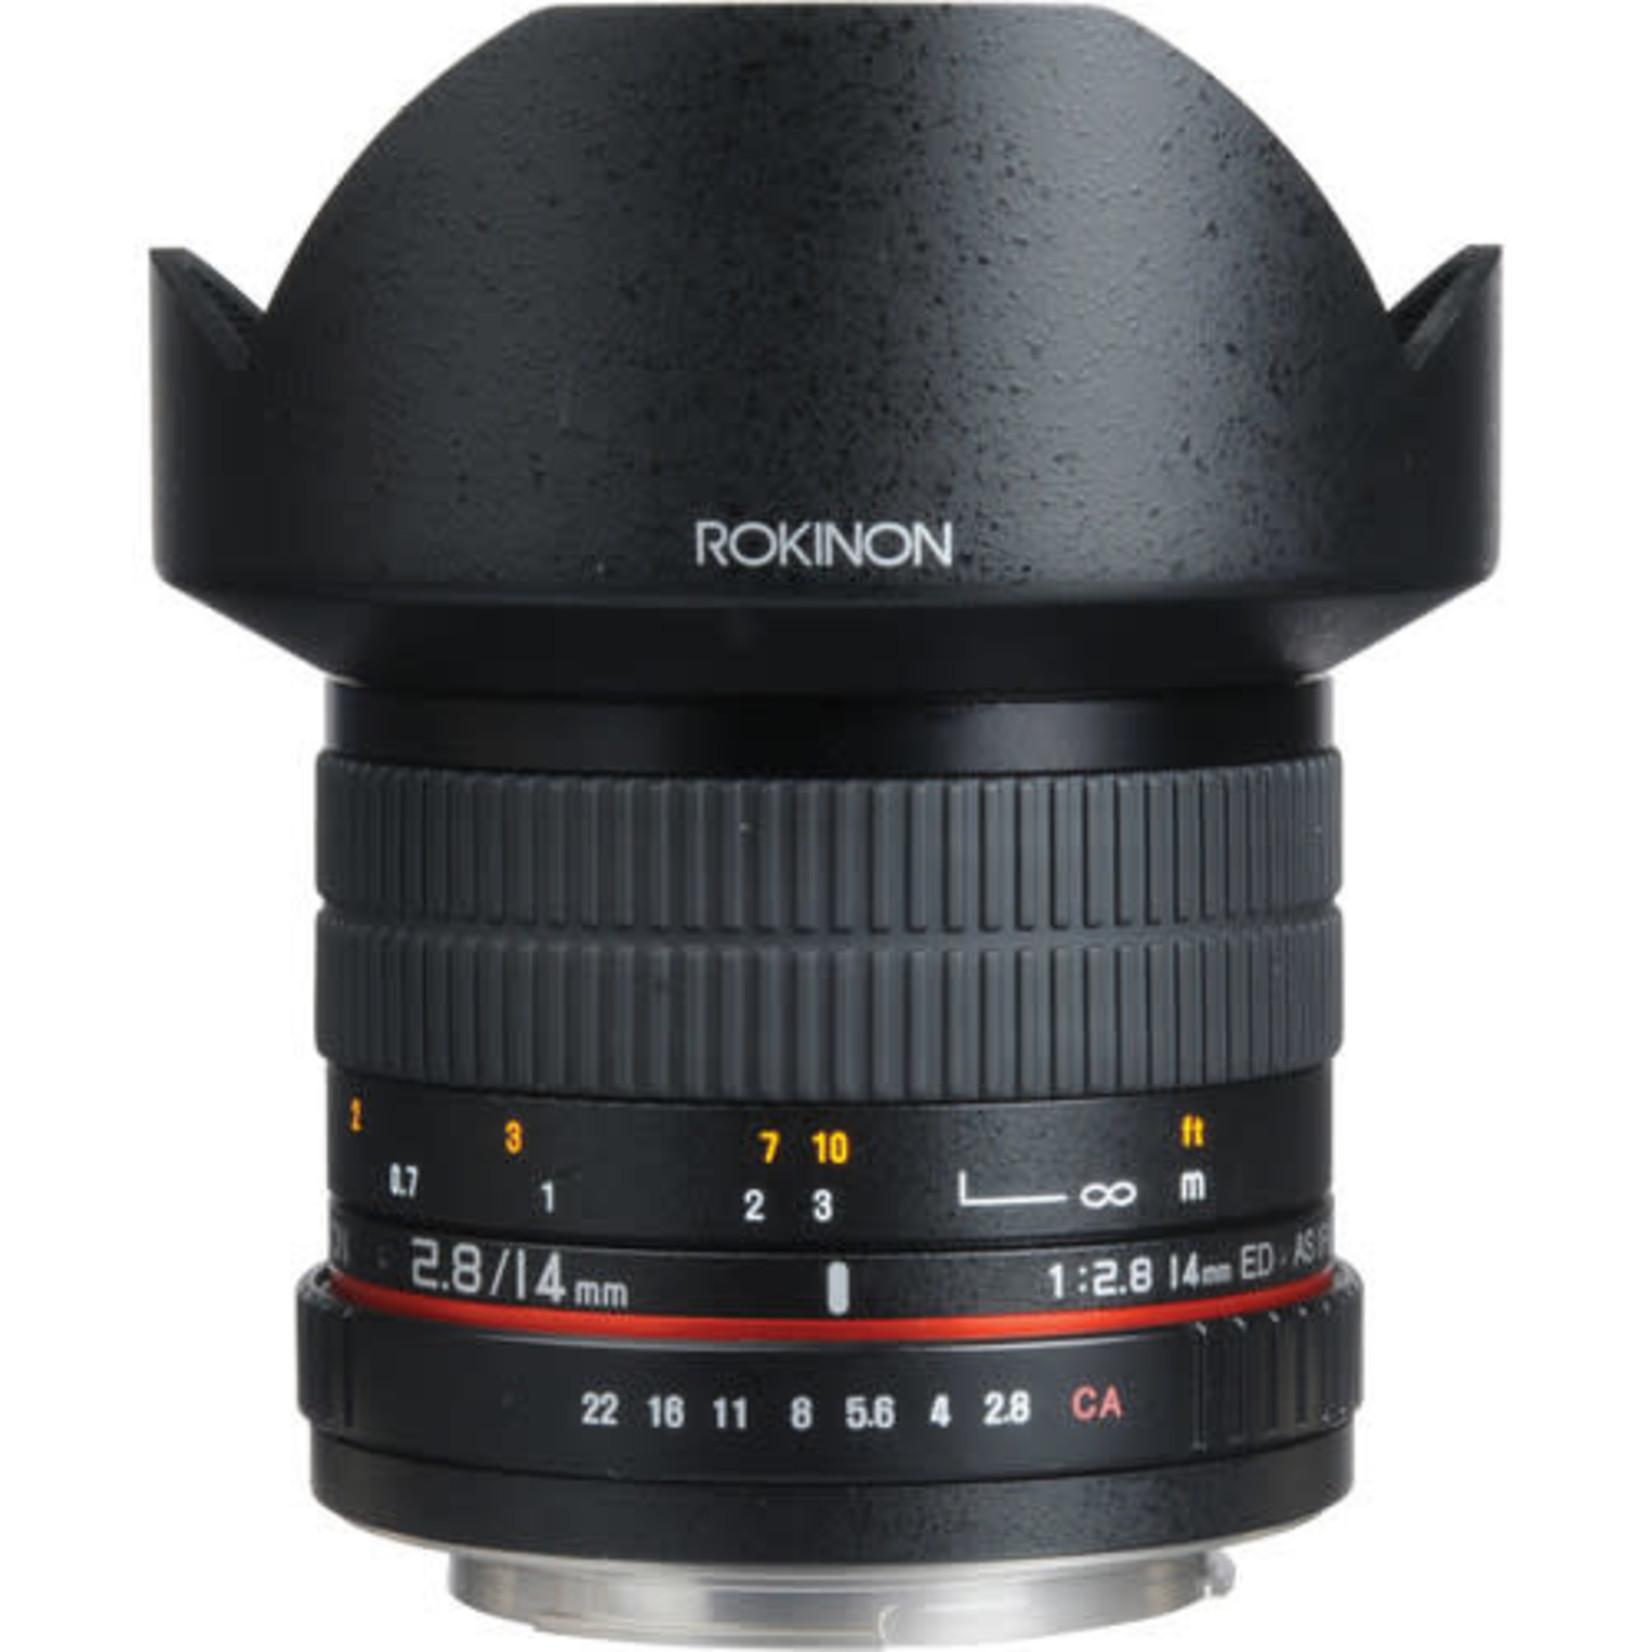 Rokinon Rokinon 14mm f/2.8 IF ED UMC Lens For Canon EF